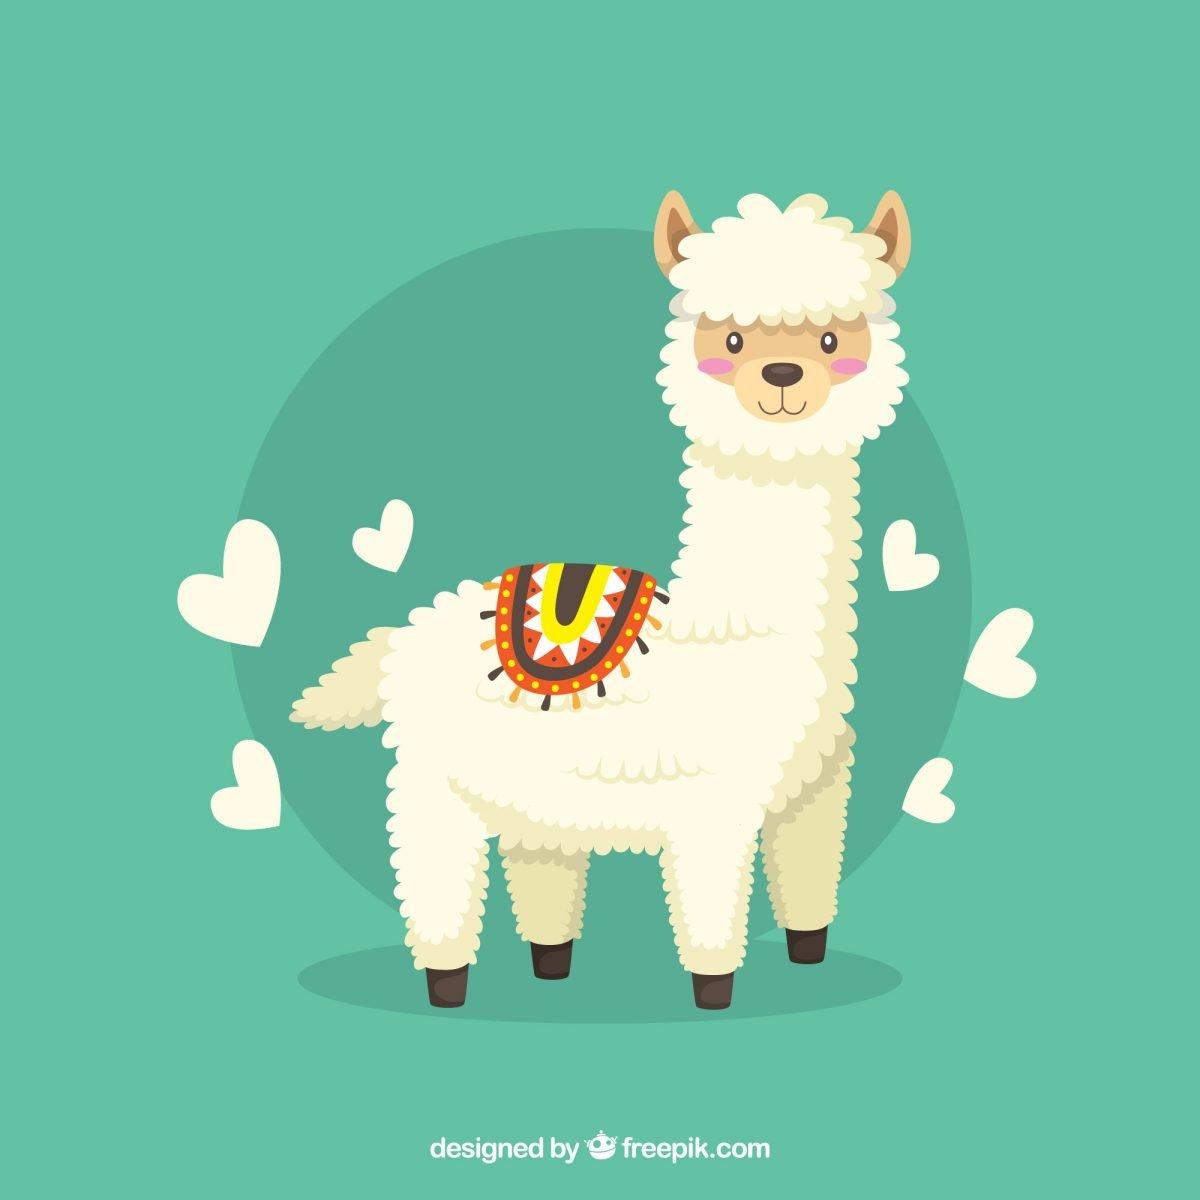 cute llama ilustracion descarga gratis imprimir